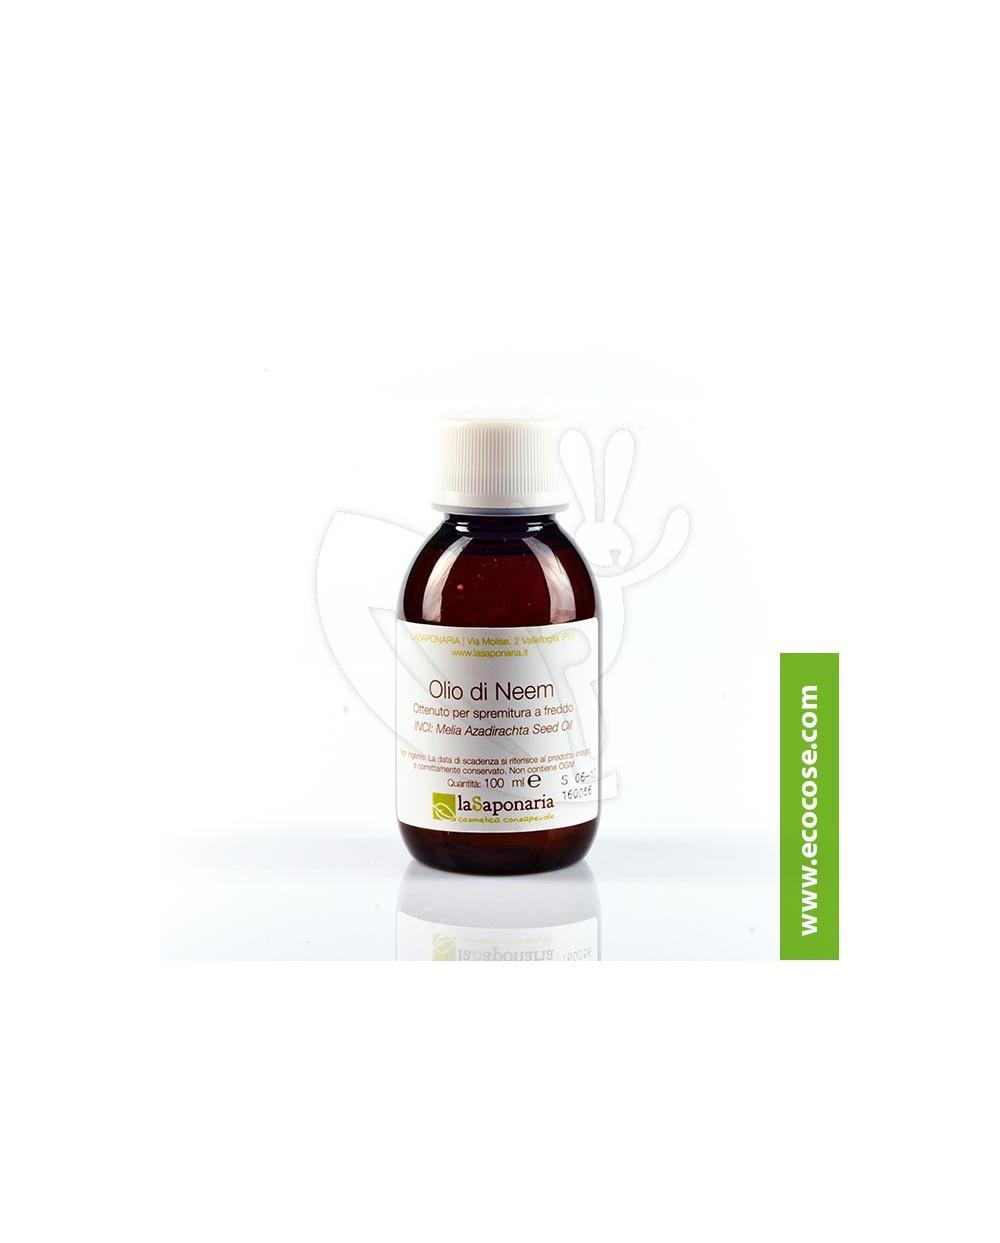 La Saponaria - Olio di Neem